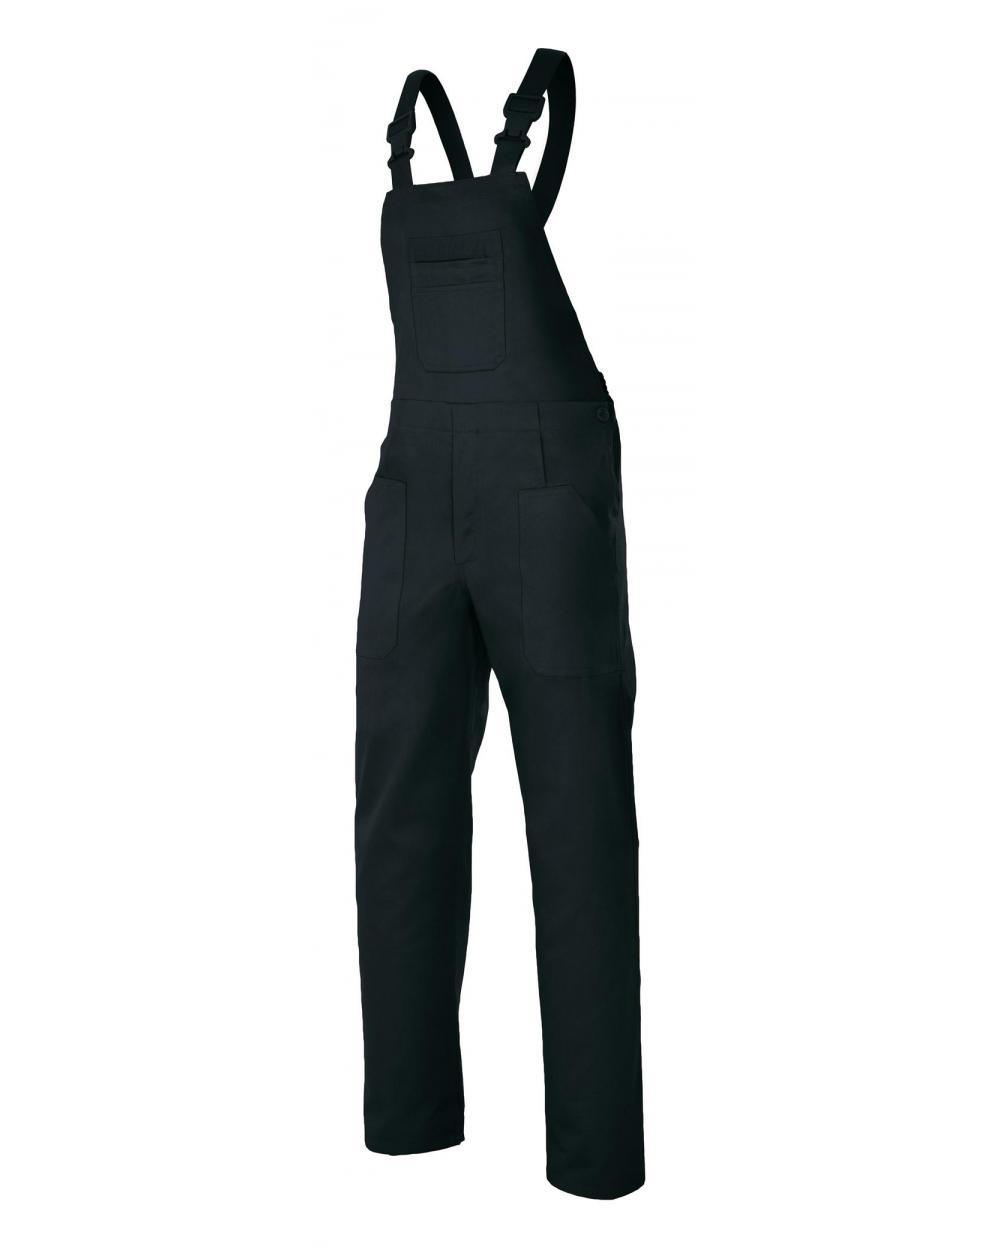 Comprar Pantalón con peto serie 290 online barato Negro